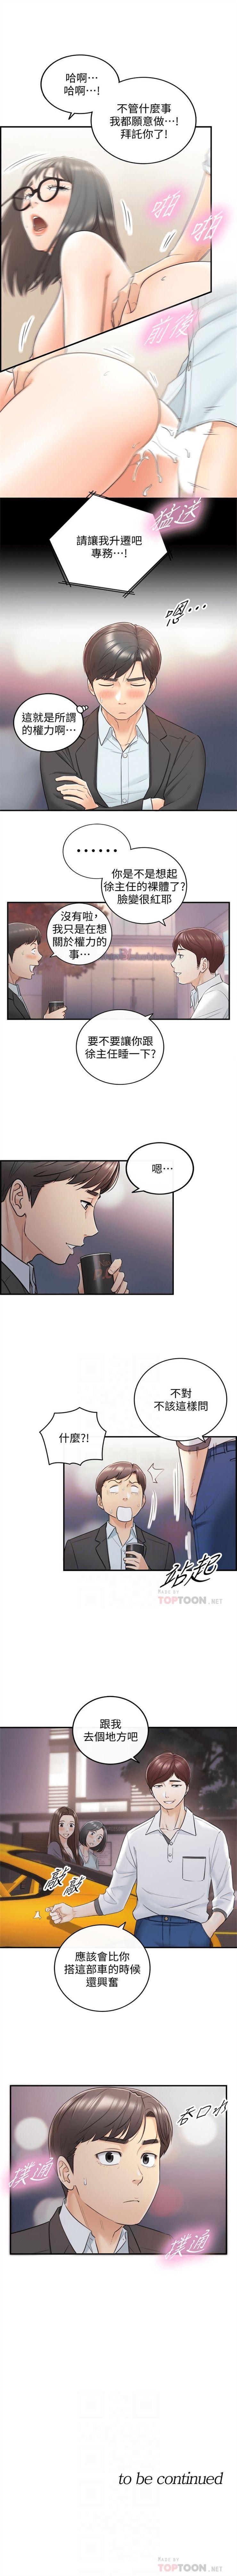 (週5)正妹小主管 1-39 中文翻譯(更新中) 107